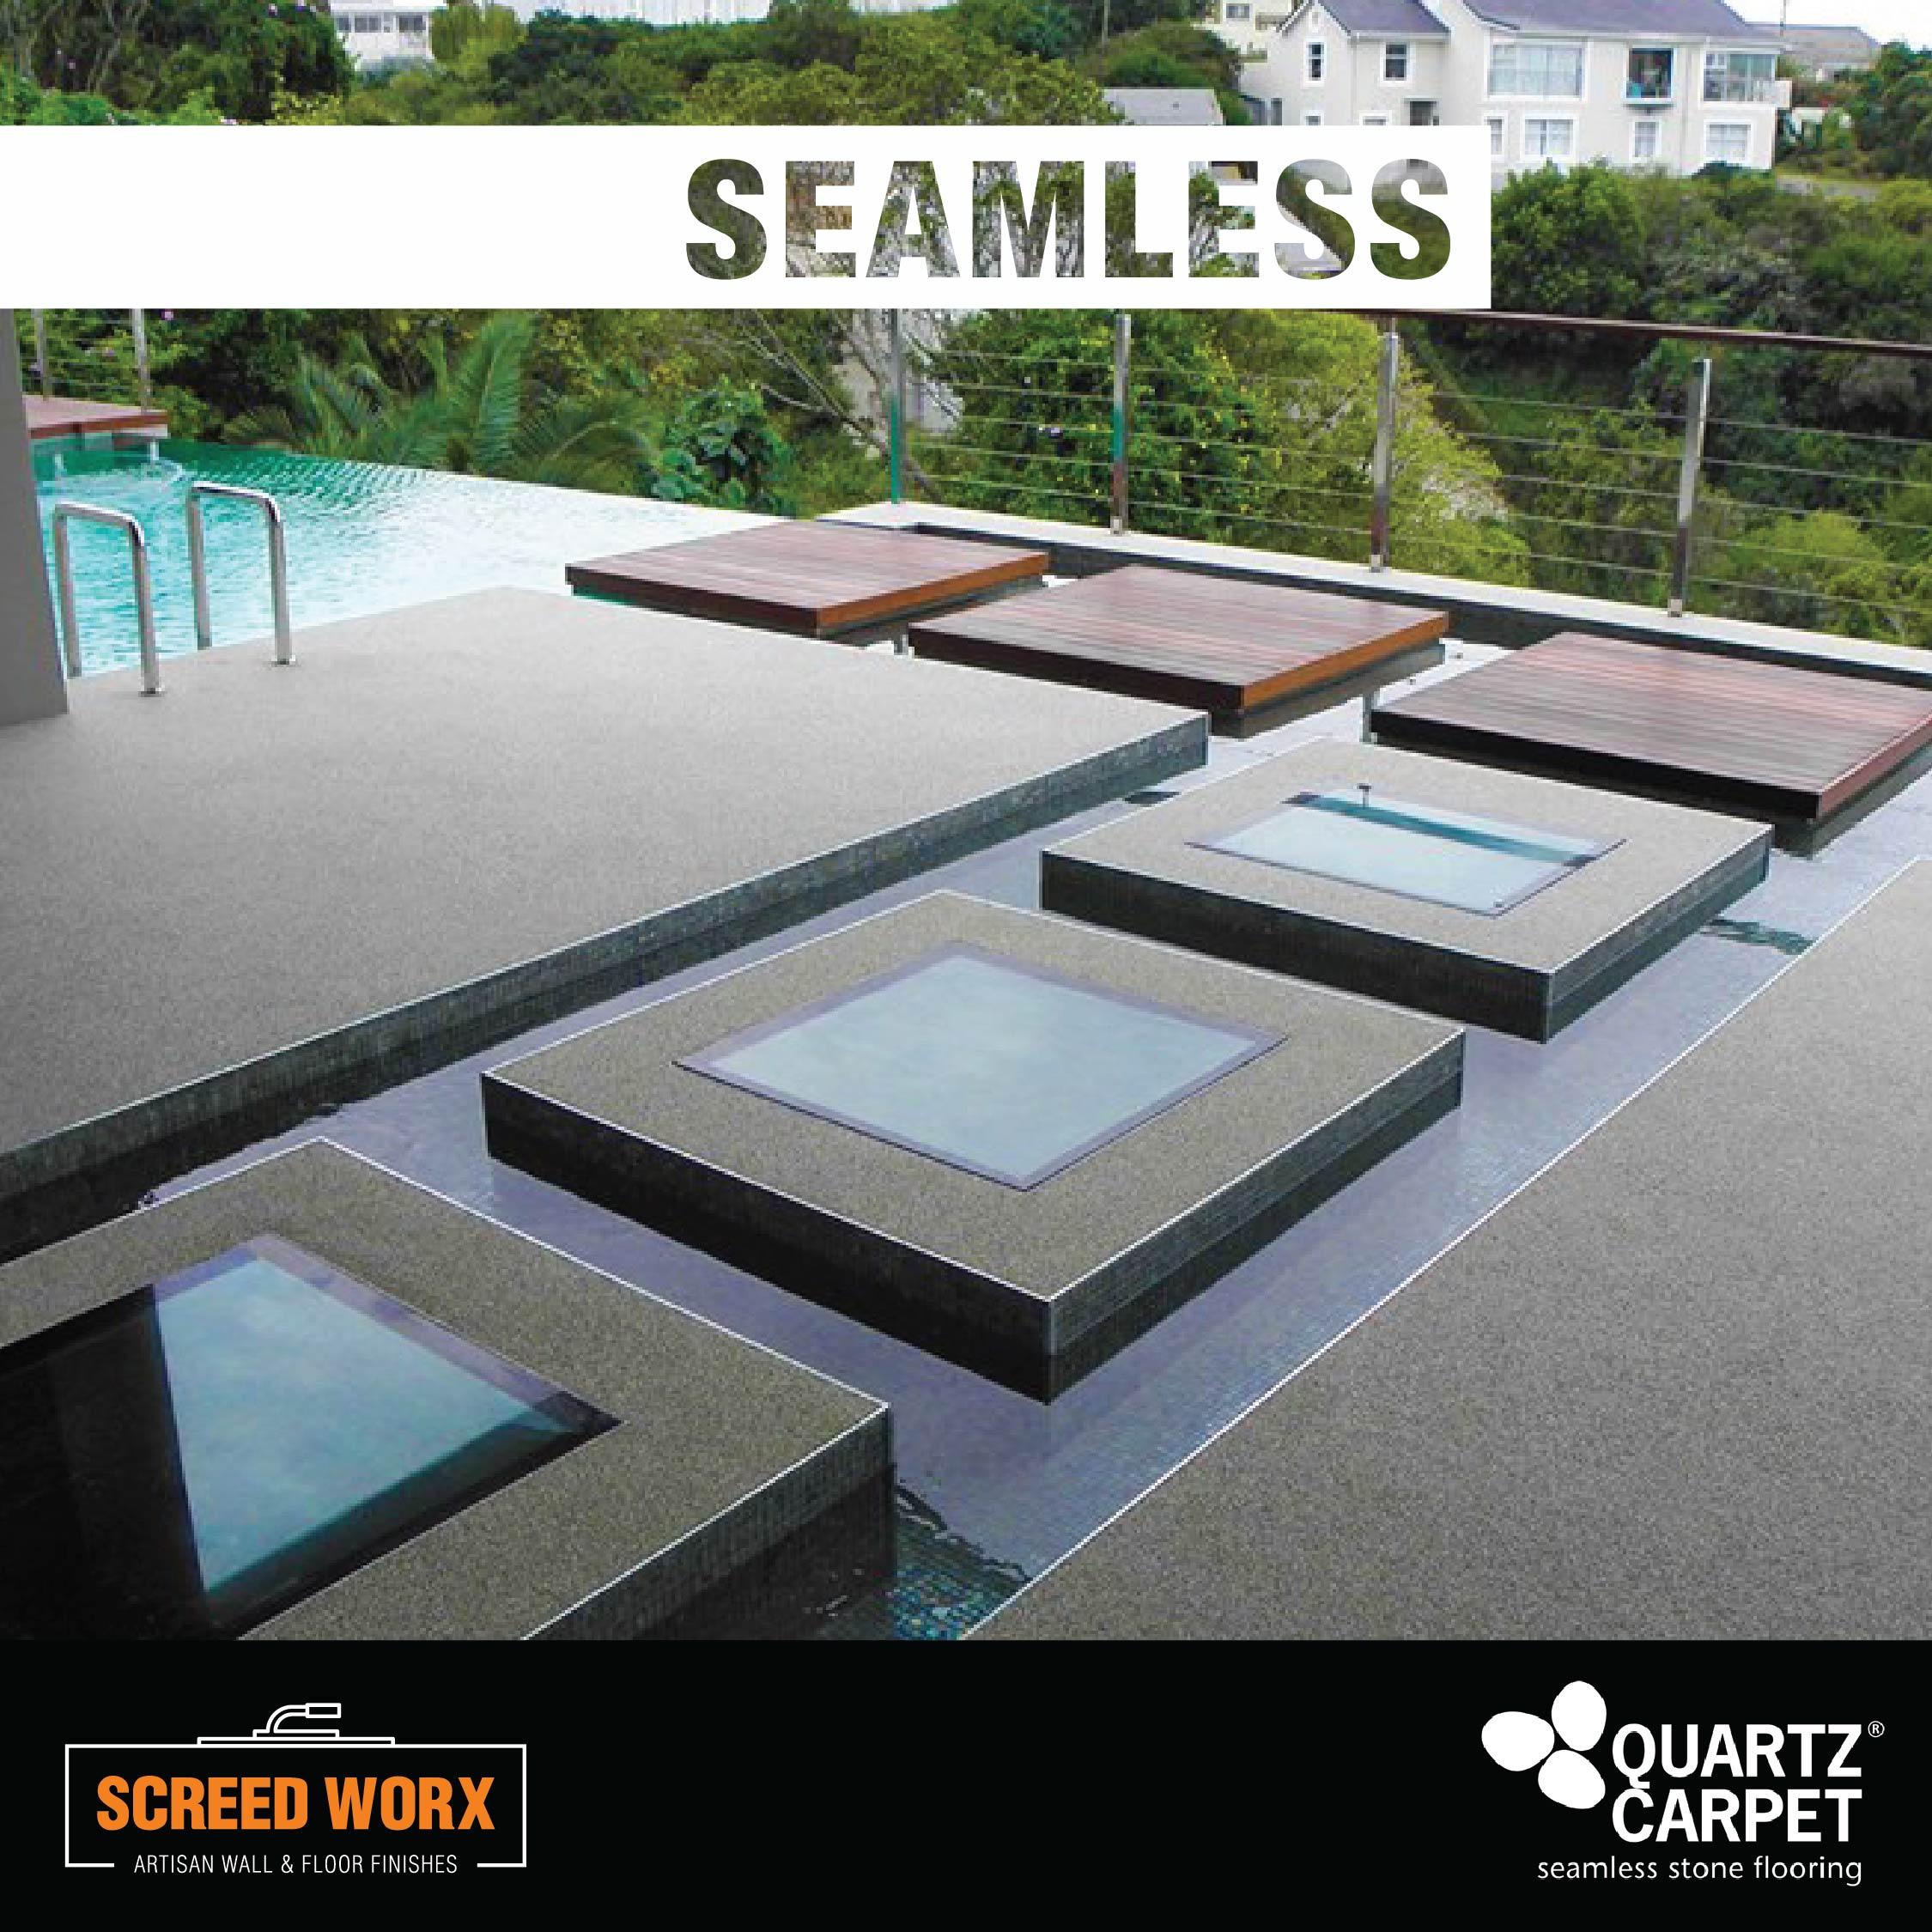 Quartz Carpet around a swimming pool